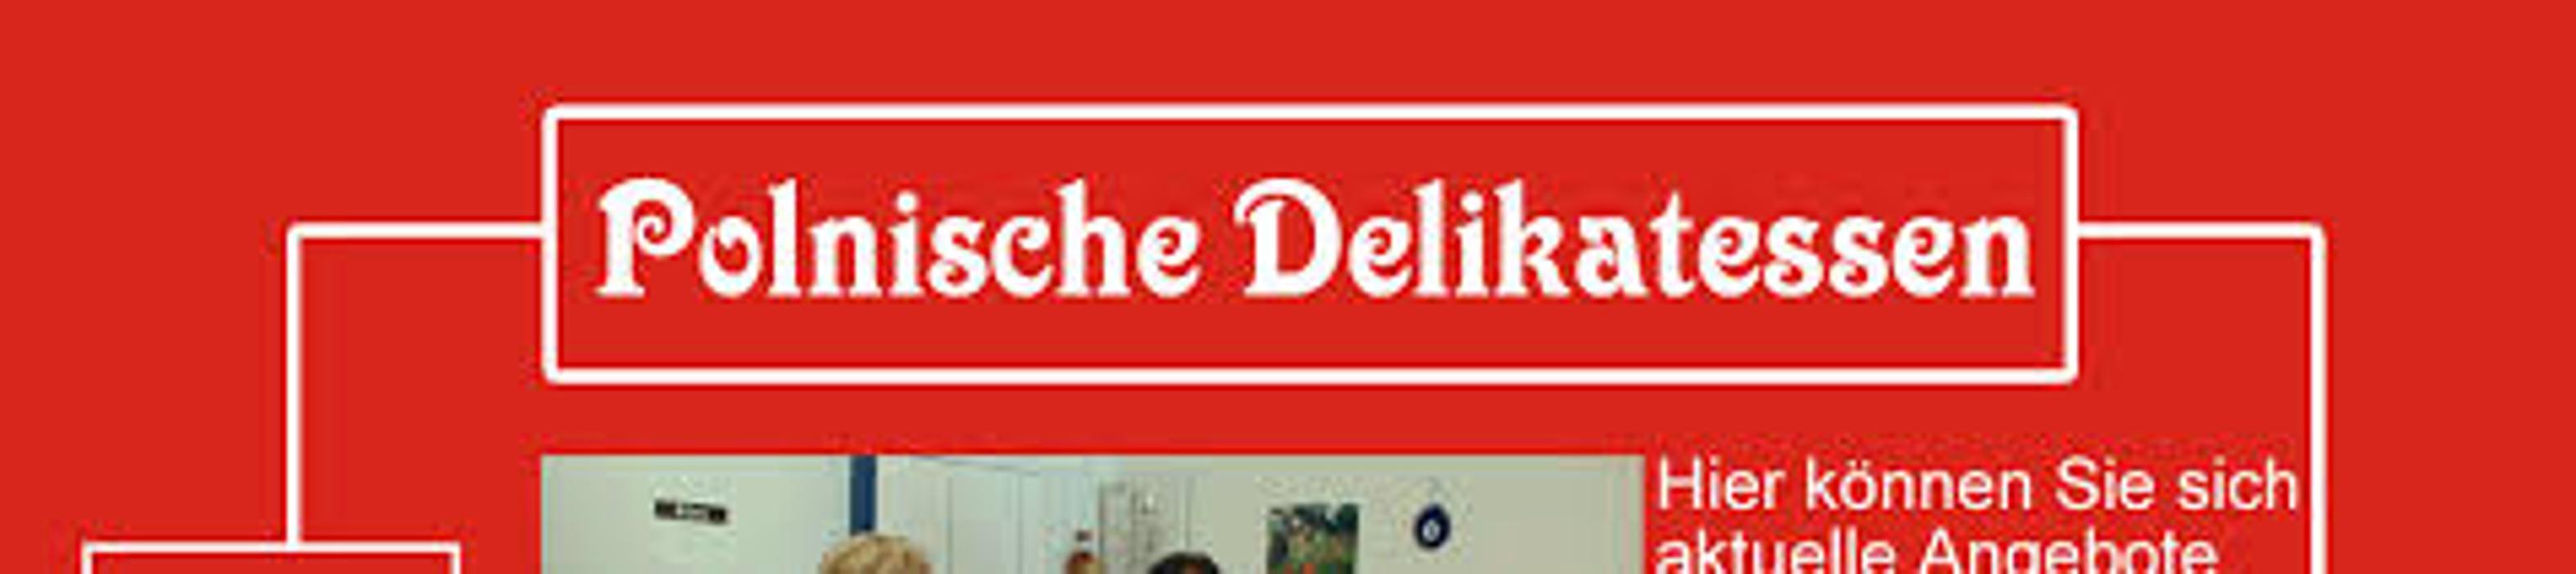 Bild zu Polnische Delikatessen Inh. Urszula Grubek in Siegen